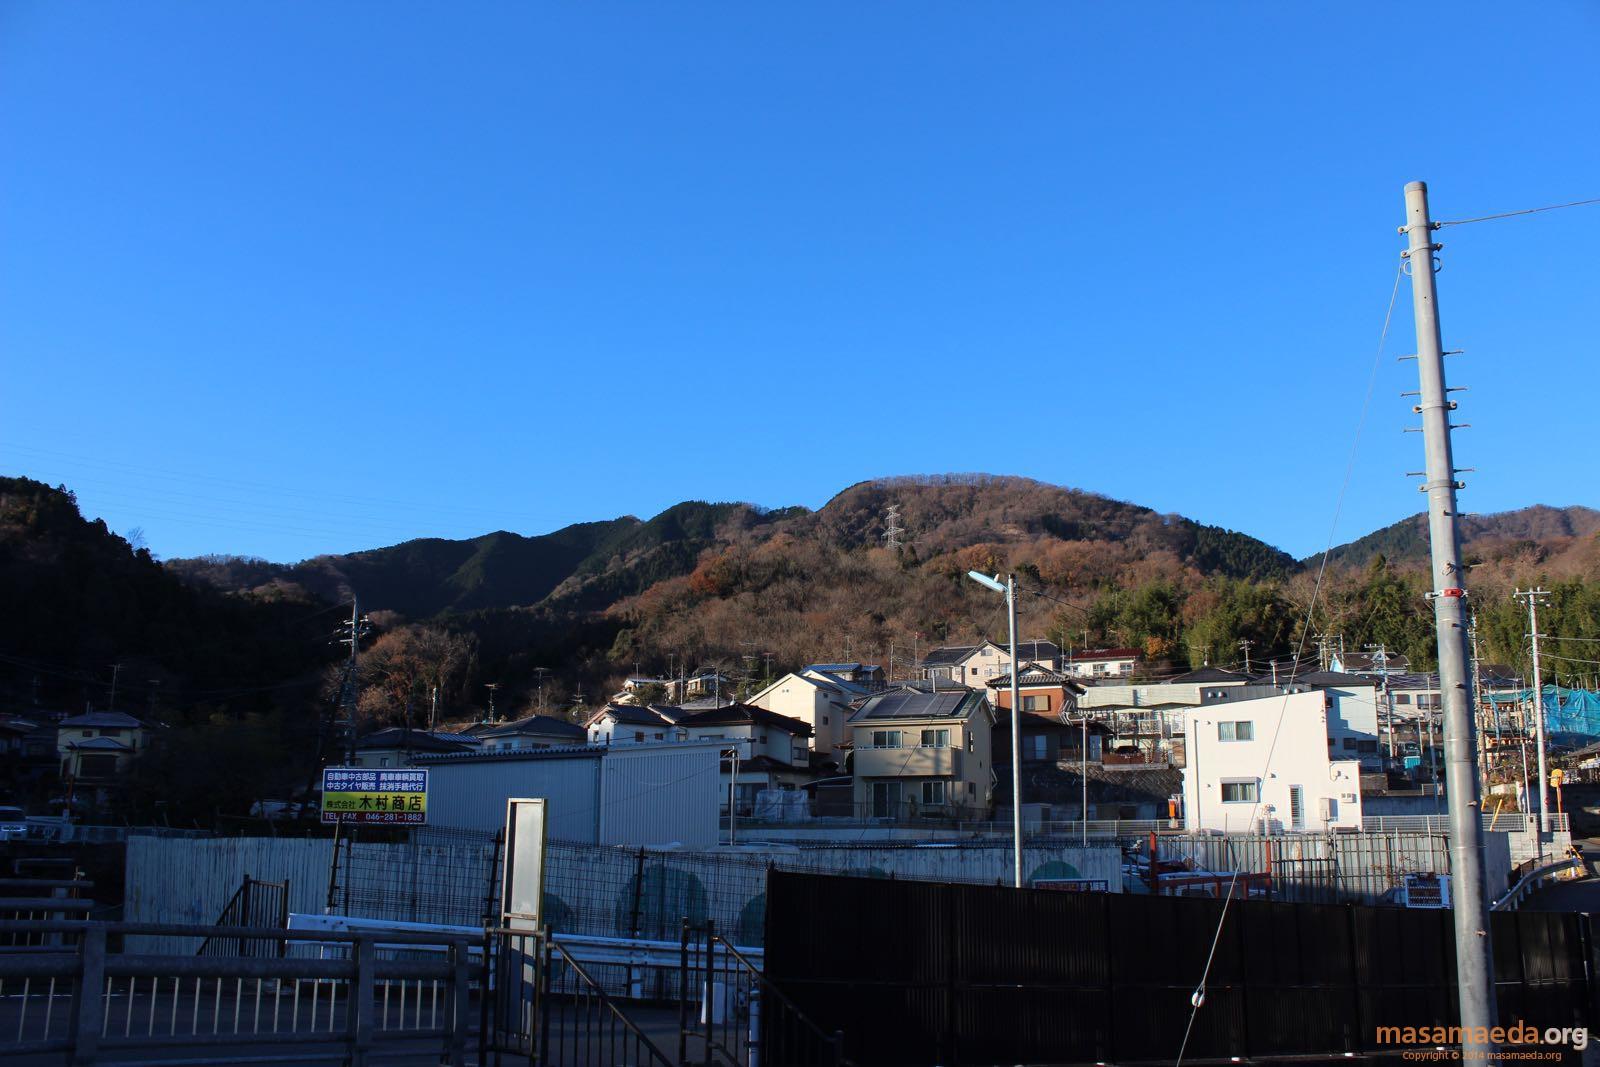 仏果山 アーカイブ - masamaeda.org